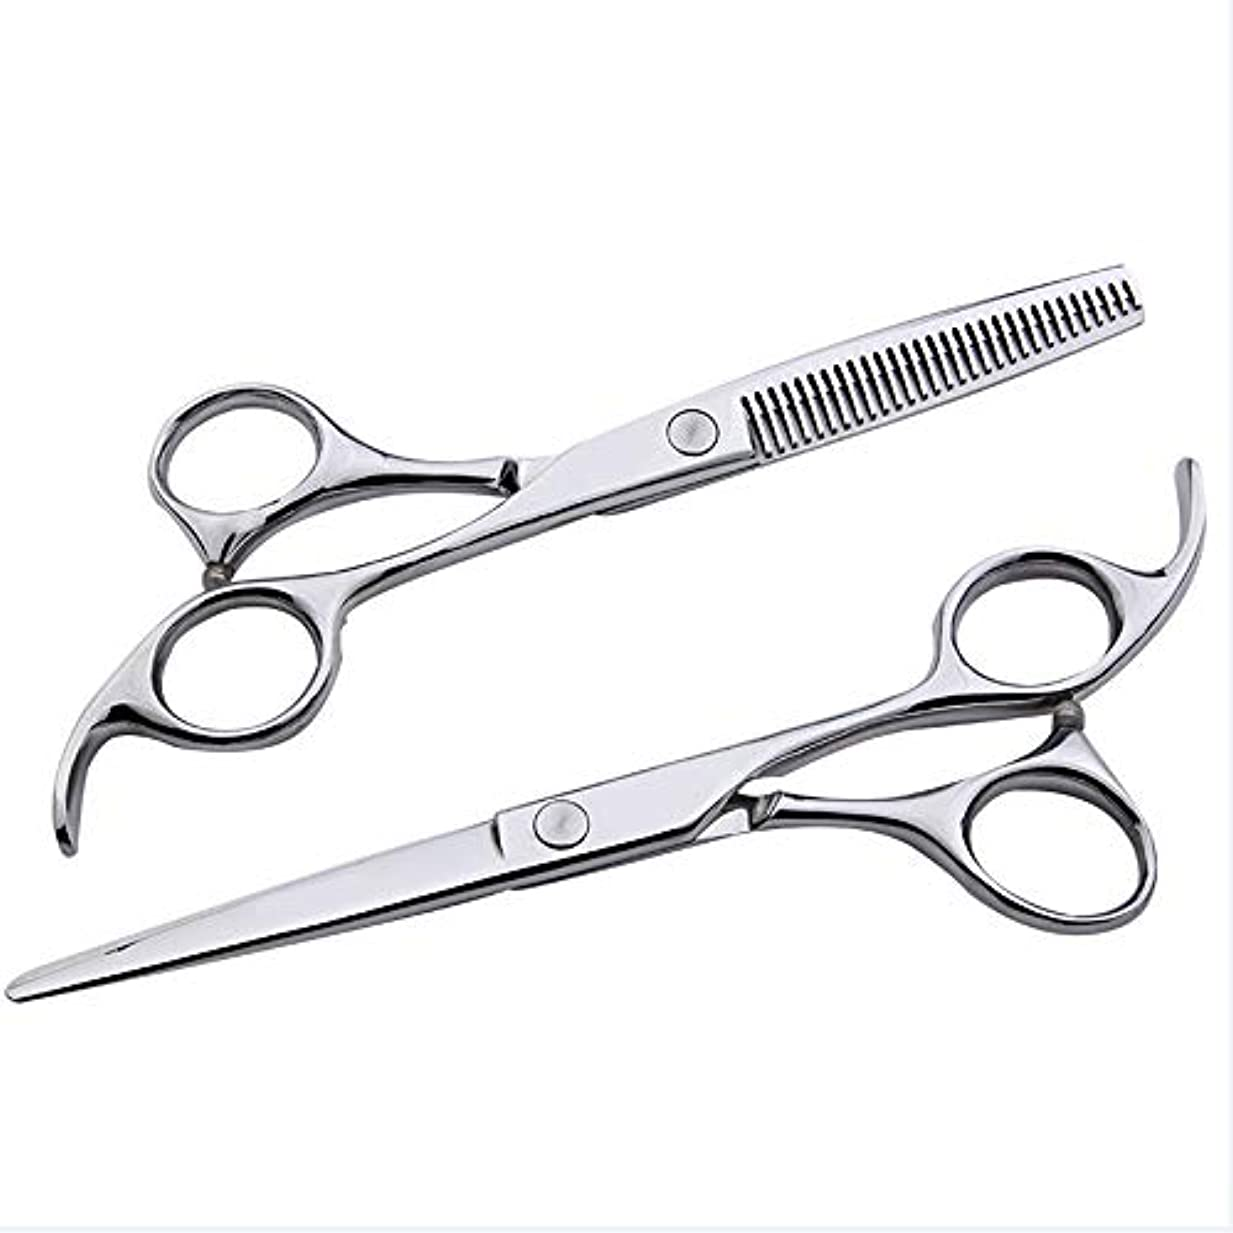 消化器曲カード6インチ美容院プロフェッショナル理髪セット、フラット+歯シザー家族理髪ツールセット モデリングツール (色 : Silver)